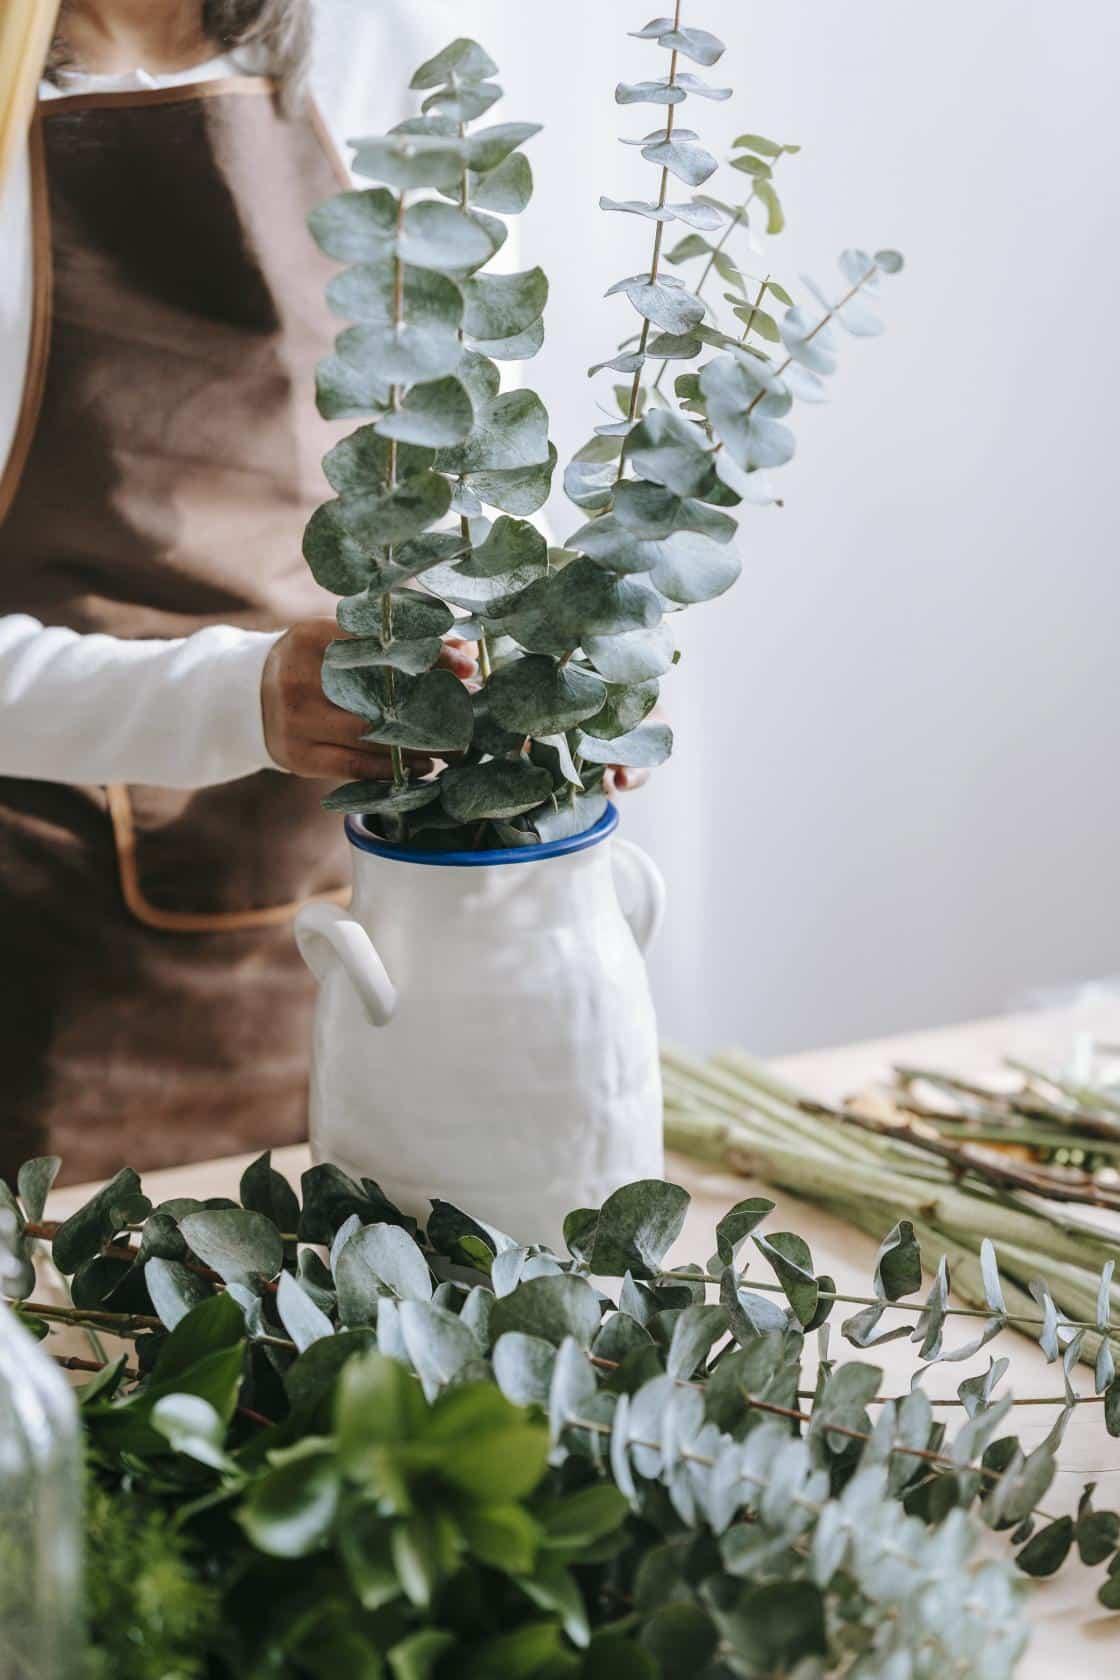 Té de eucalipto, para qué sirve y cómo se prepara